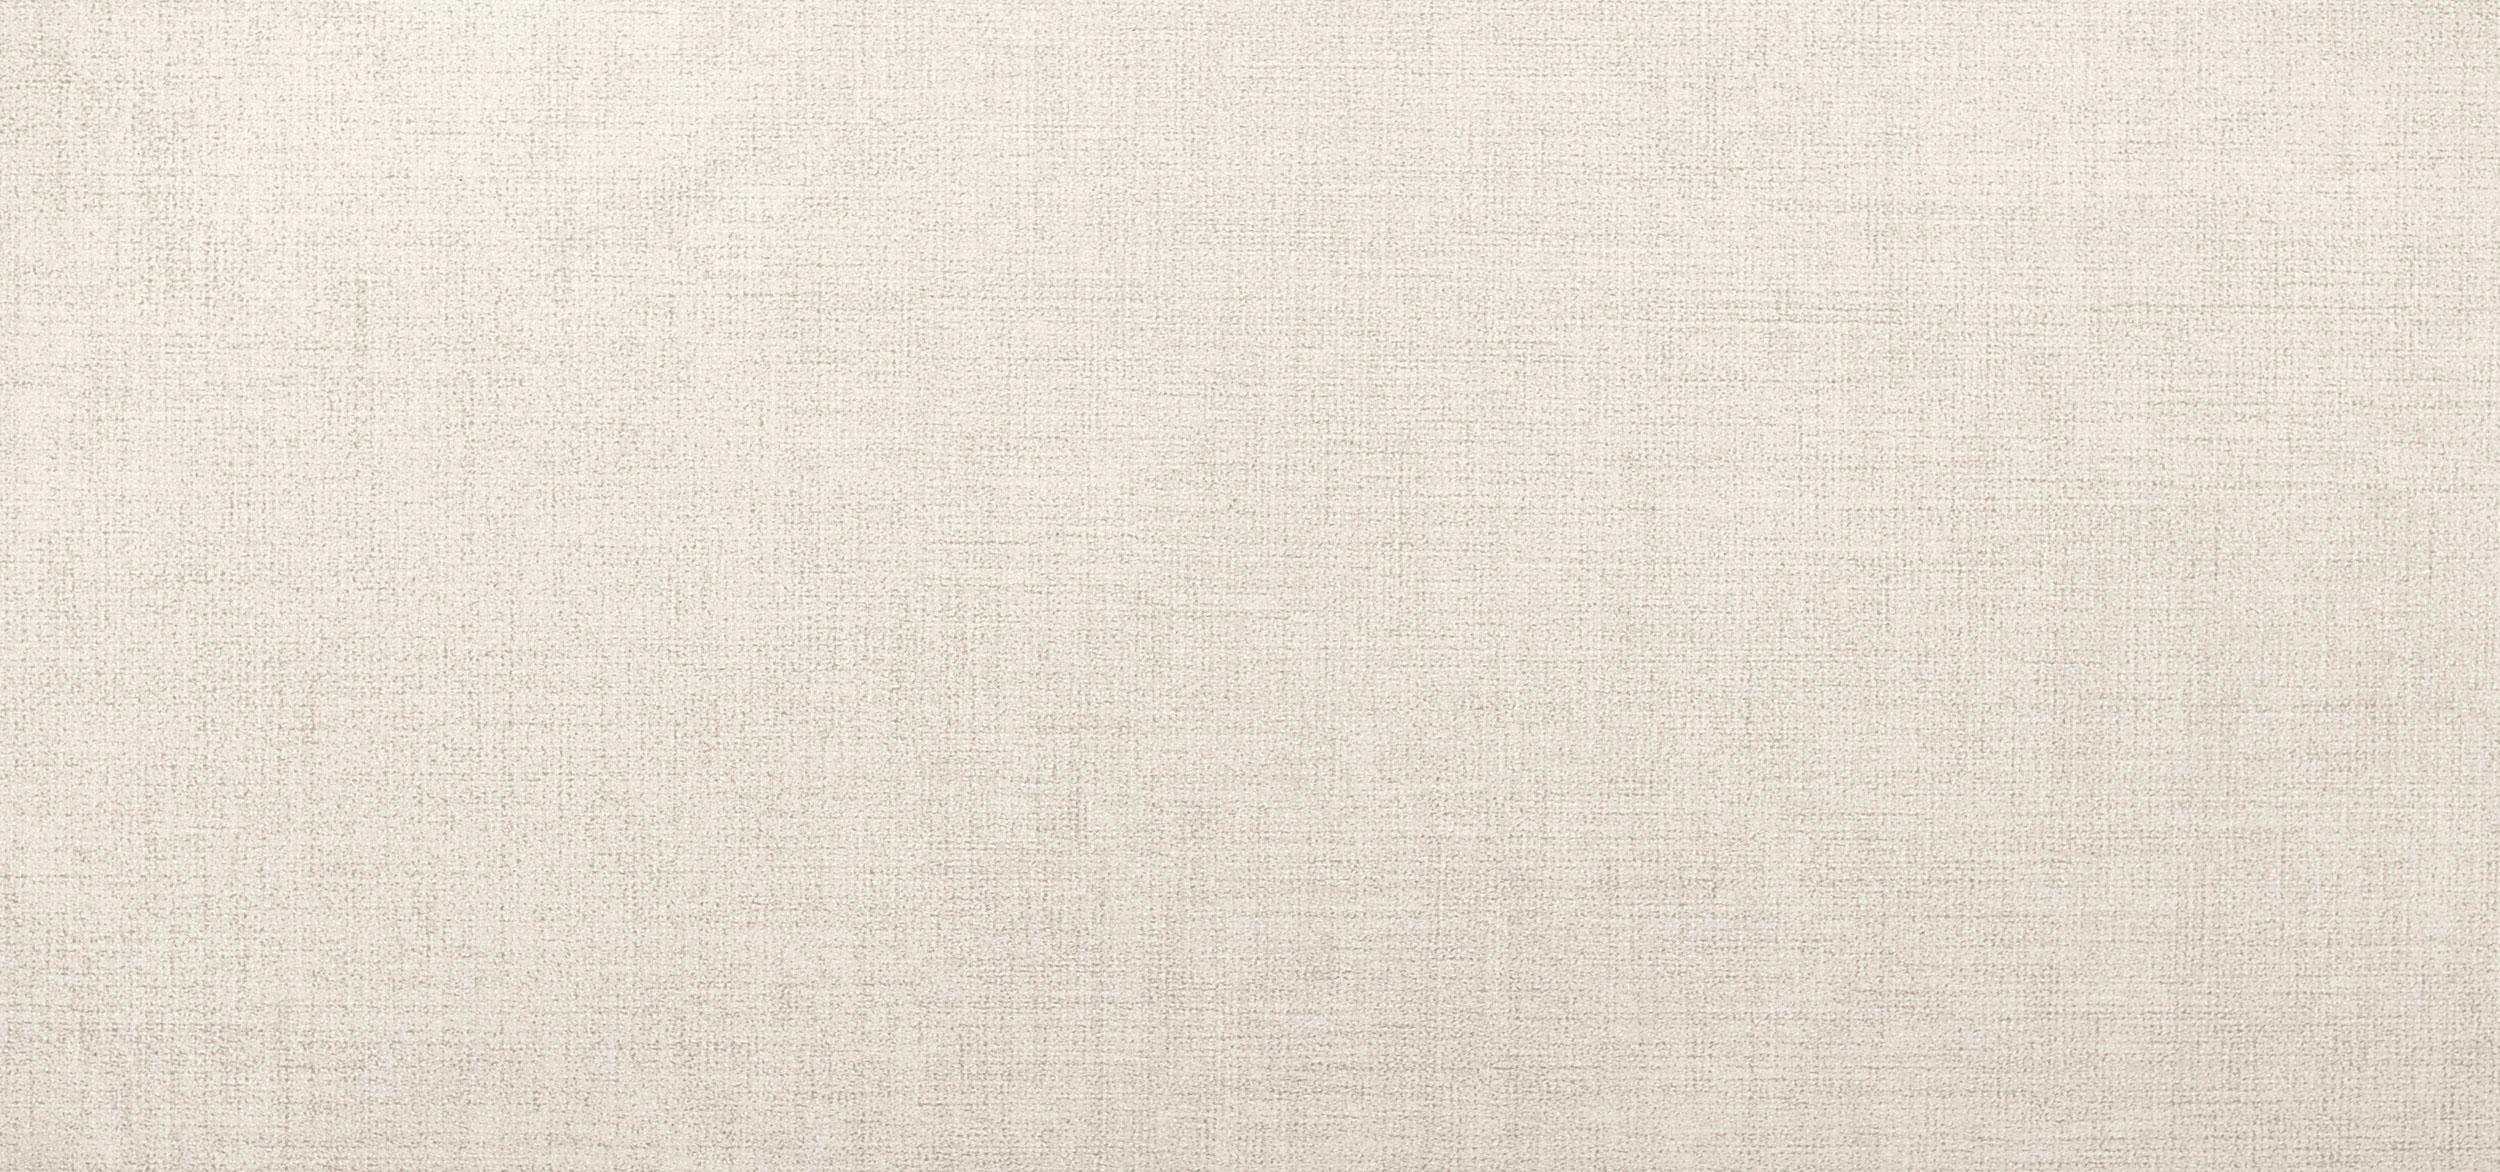 textil-white.jpg